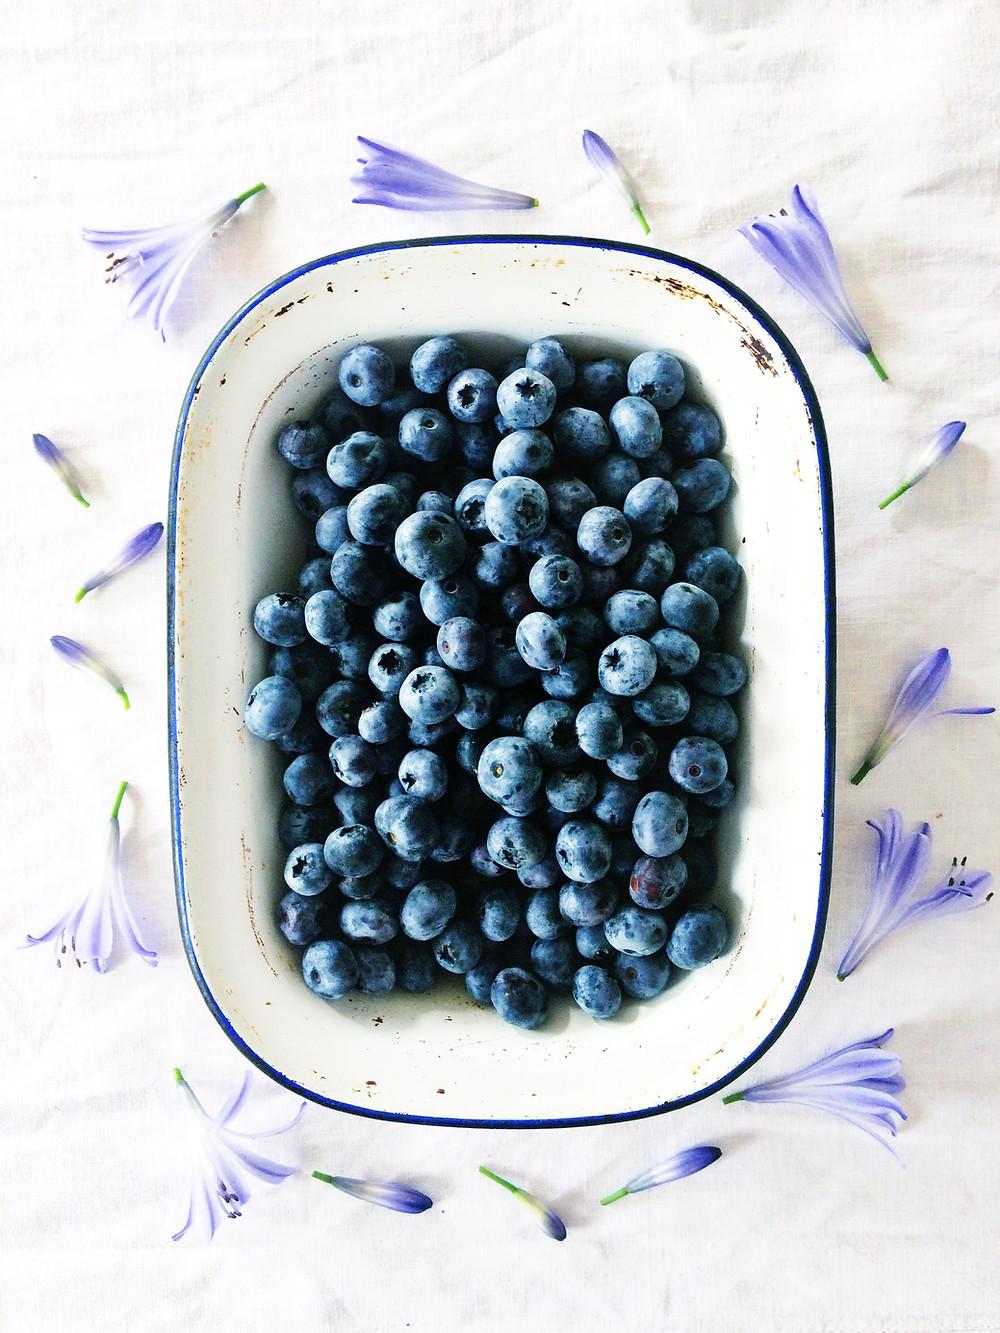 Blueberries - Sky Meadow Bakery blog